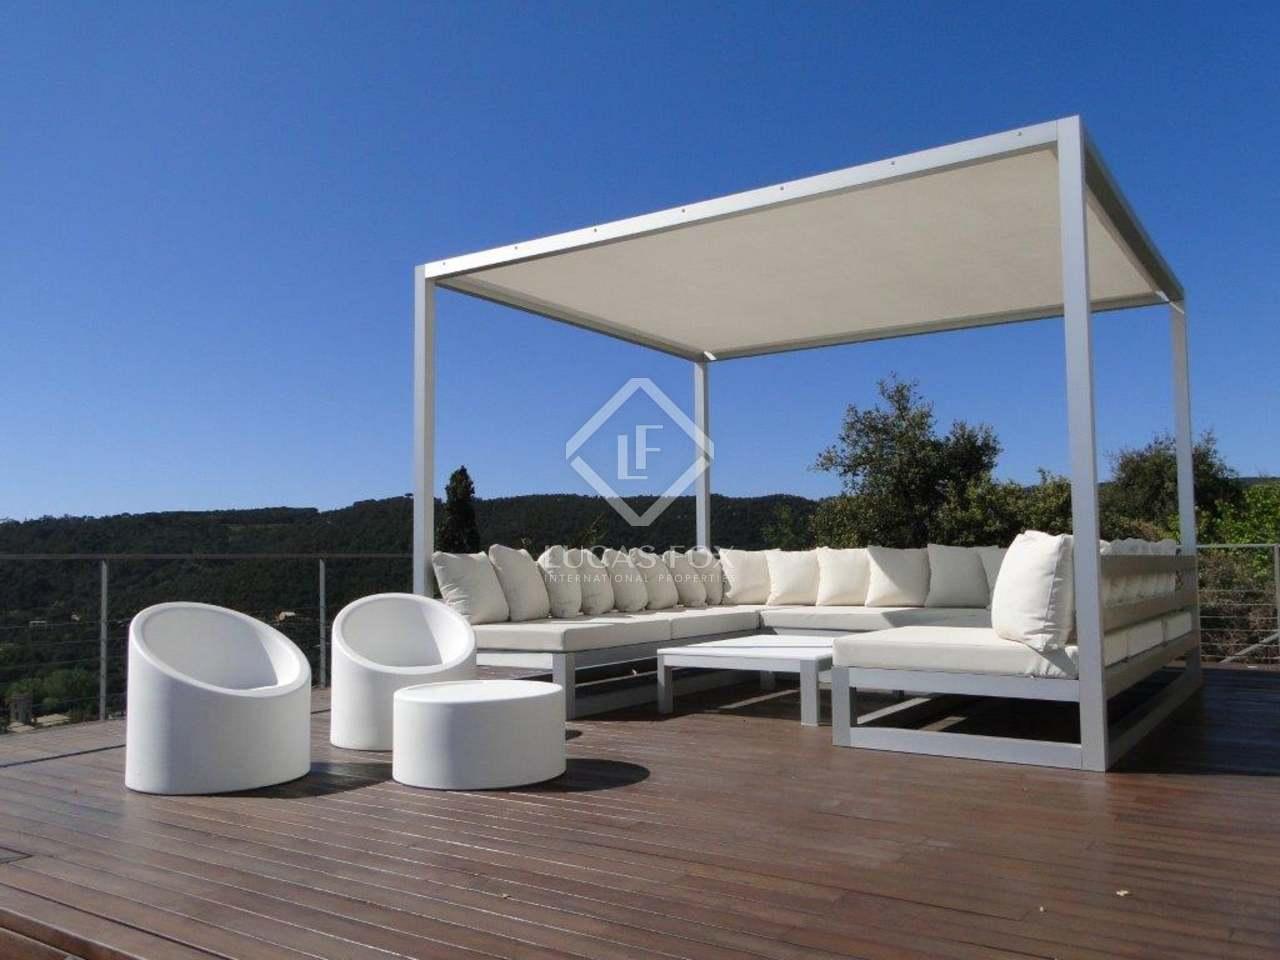 5 slaapkamers in moderne stijl te koop in de costa brava - Moderne huis op een helling ...